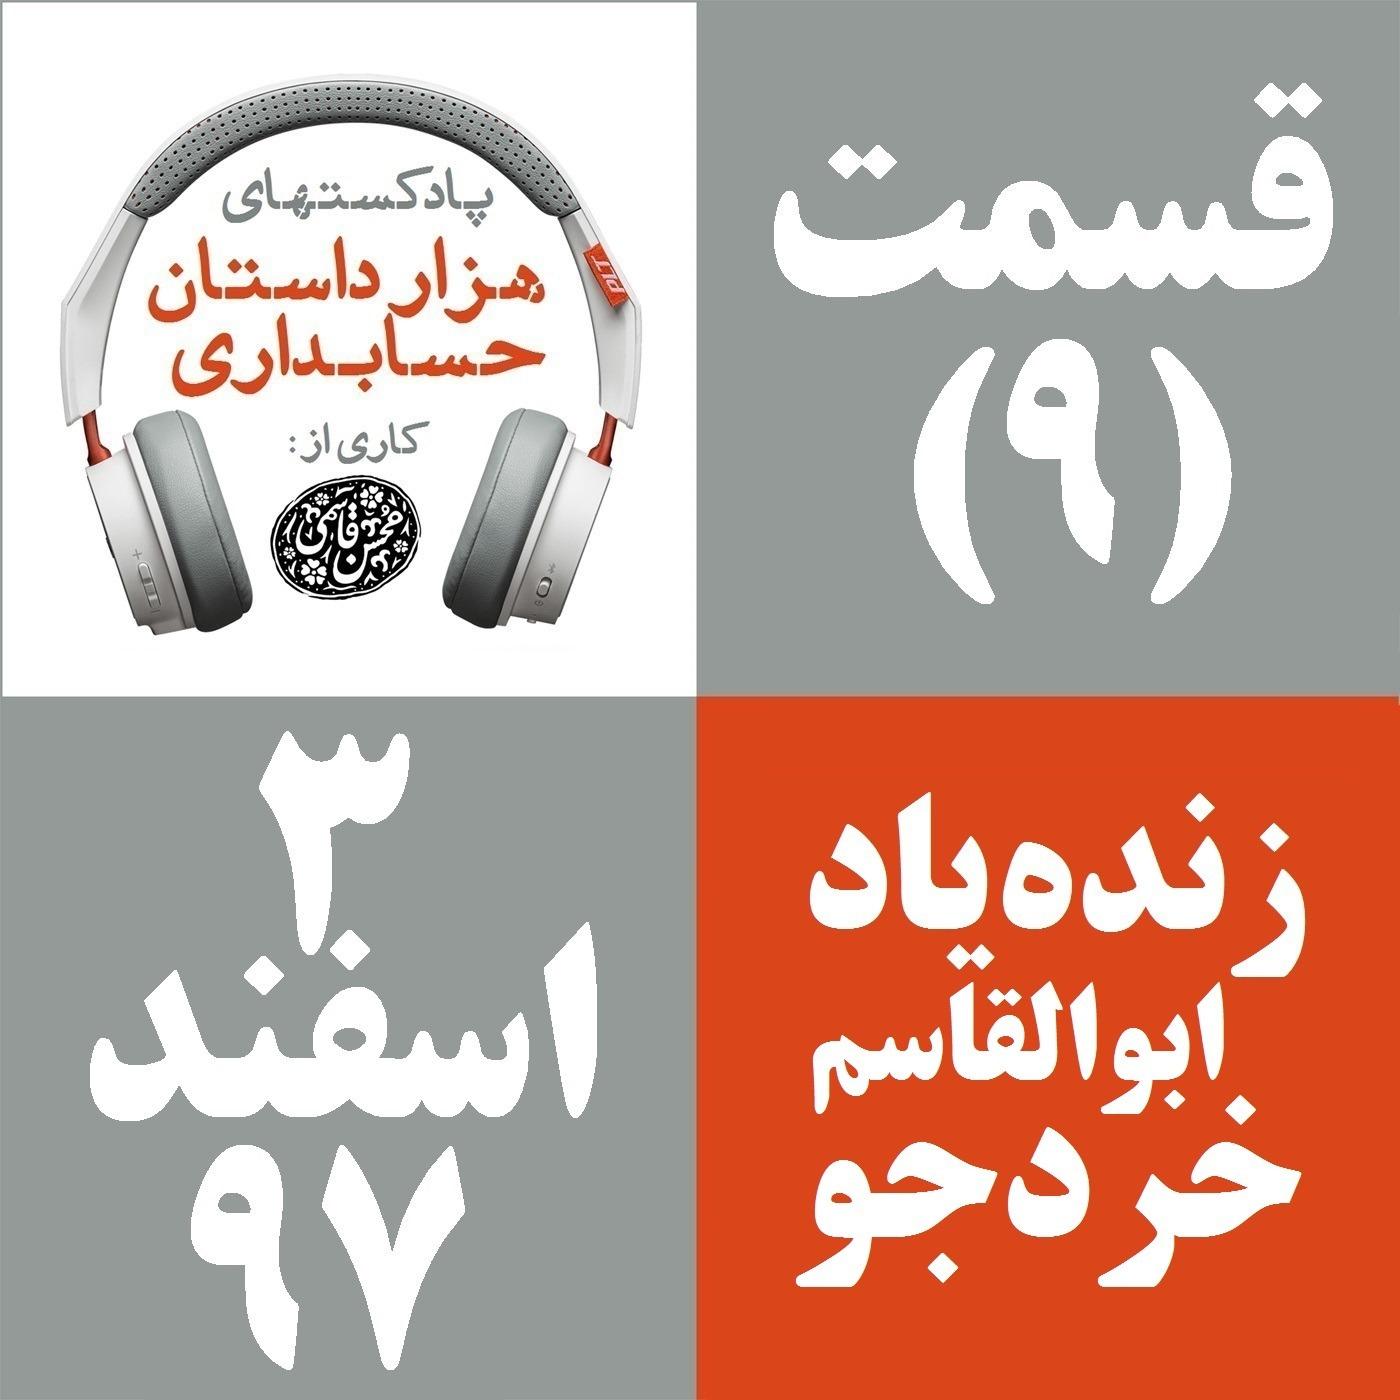 قسمت 9 - زنده یاد ابوالقاسم خردجو